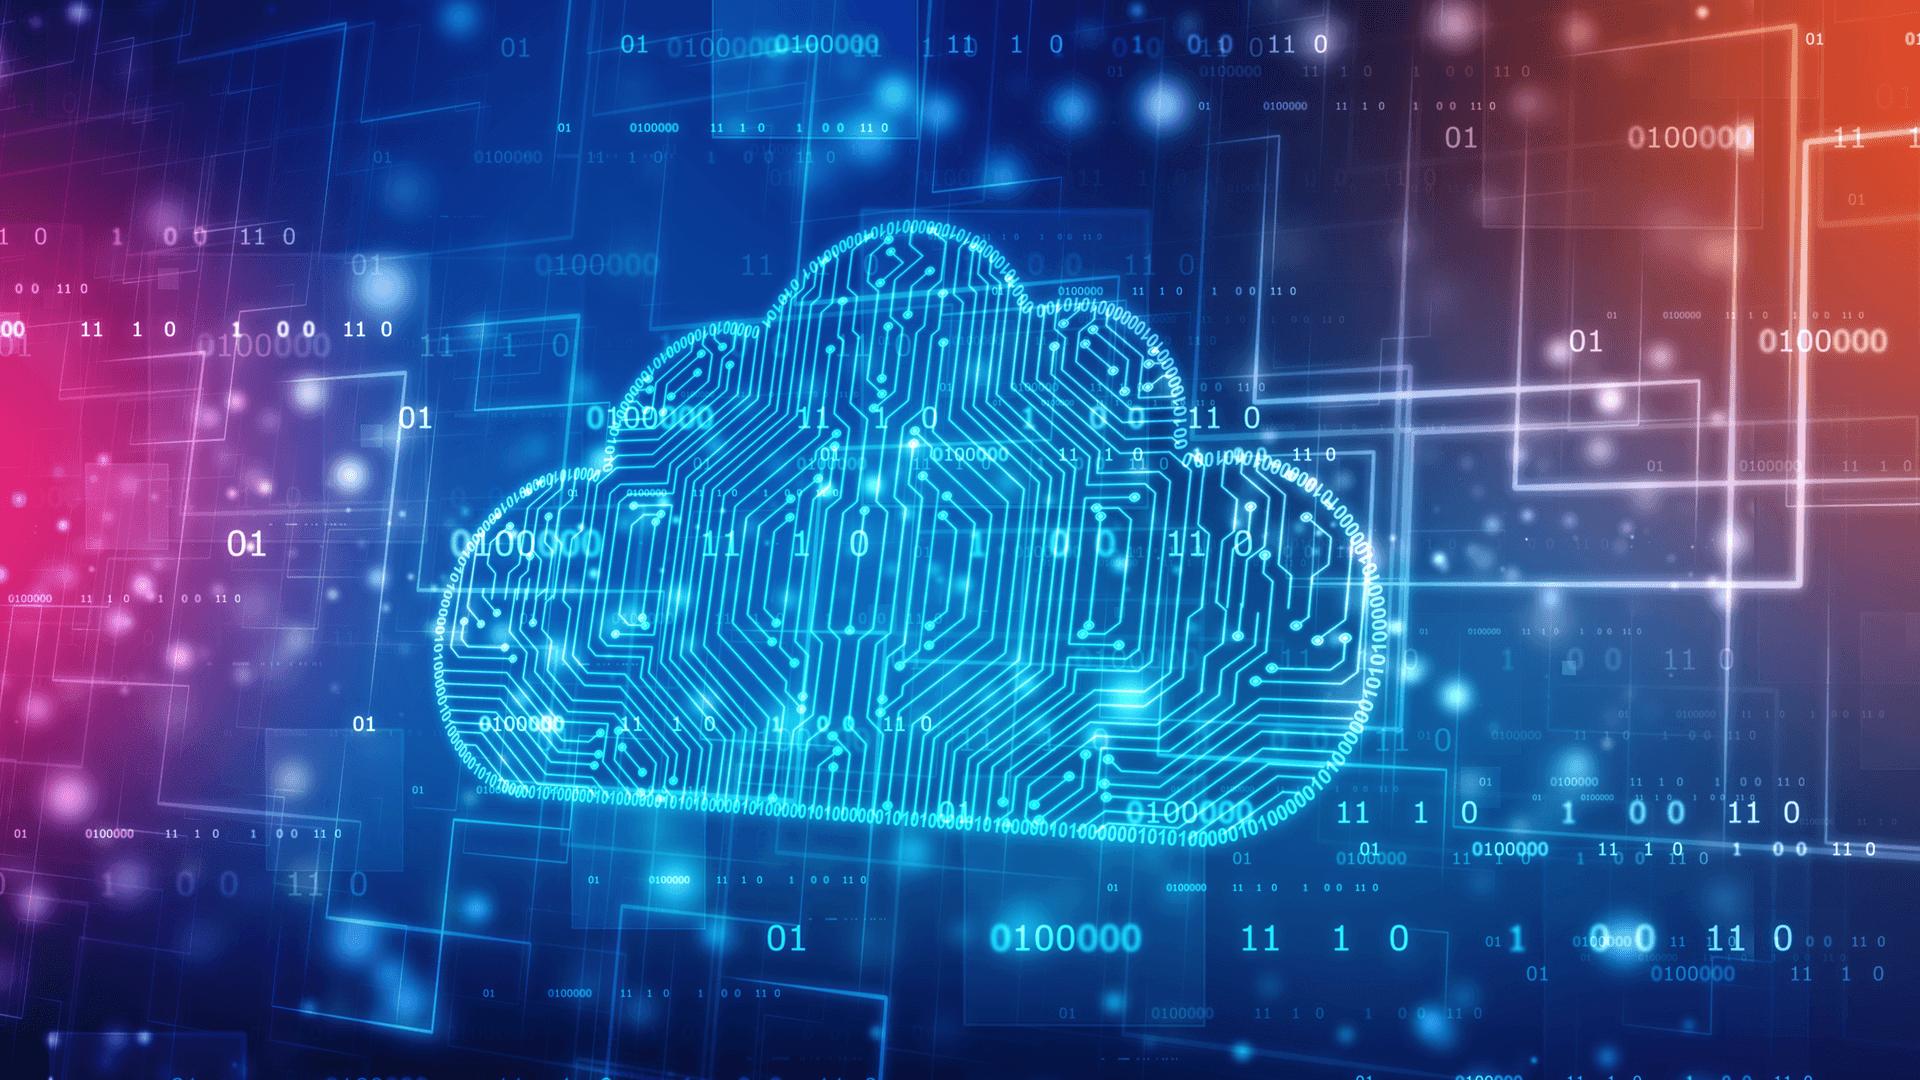 Хакеры взламывают корпоративные учетные записи в облачных сервисах